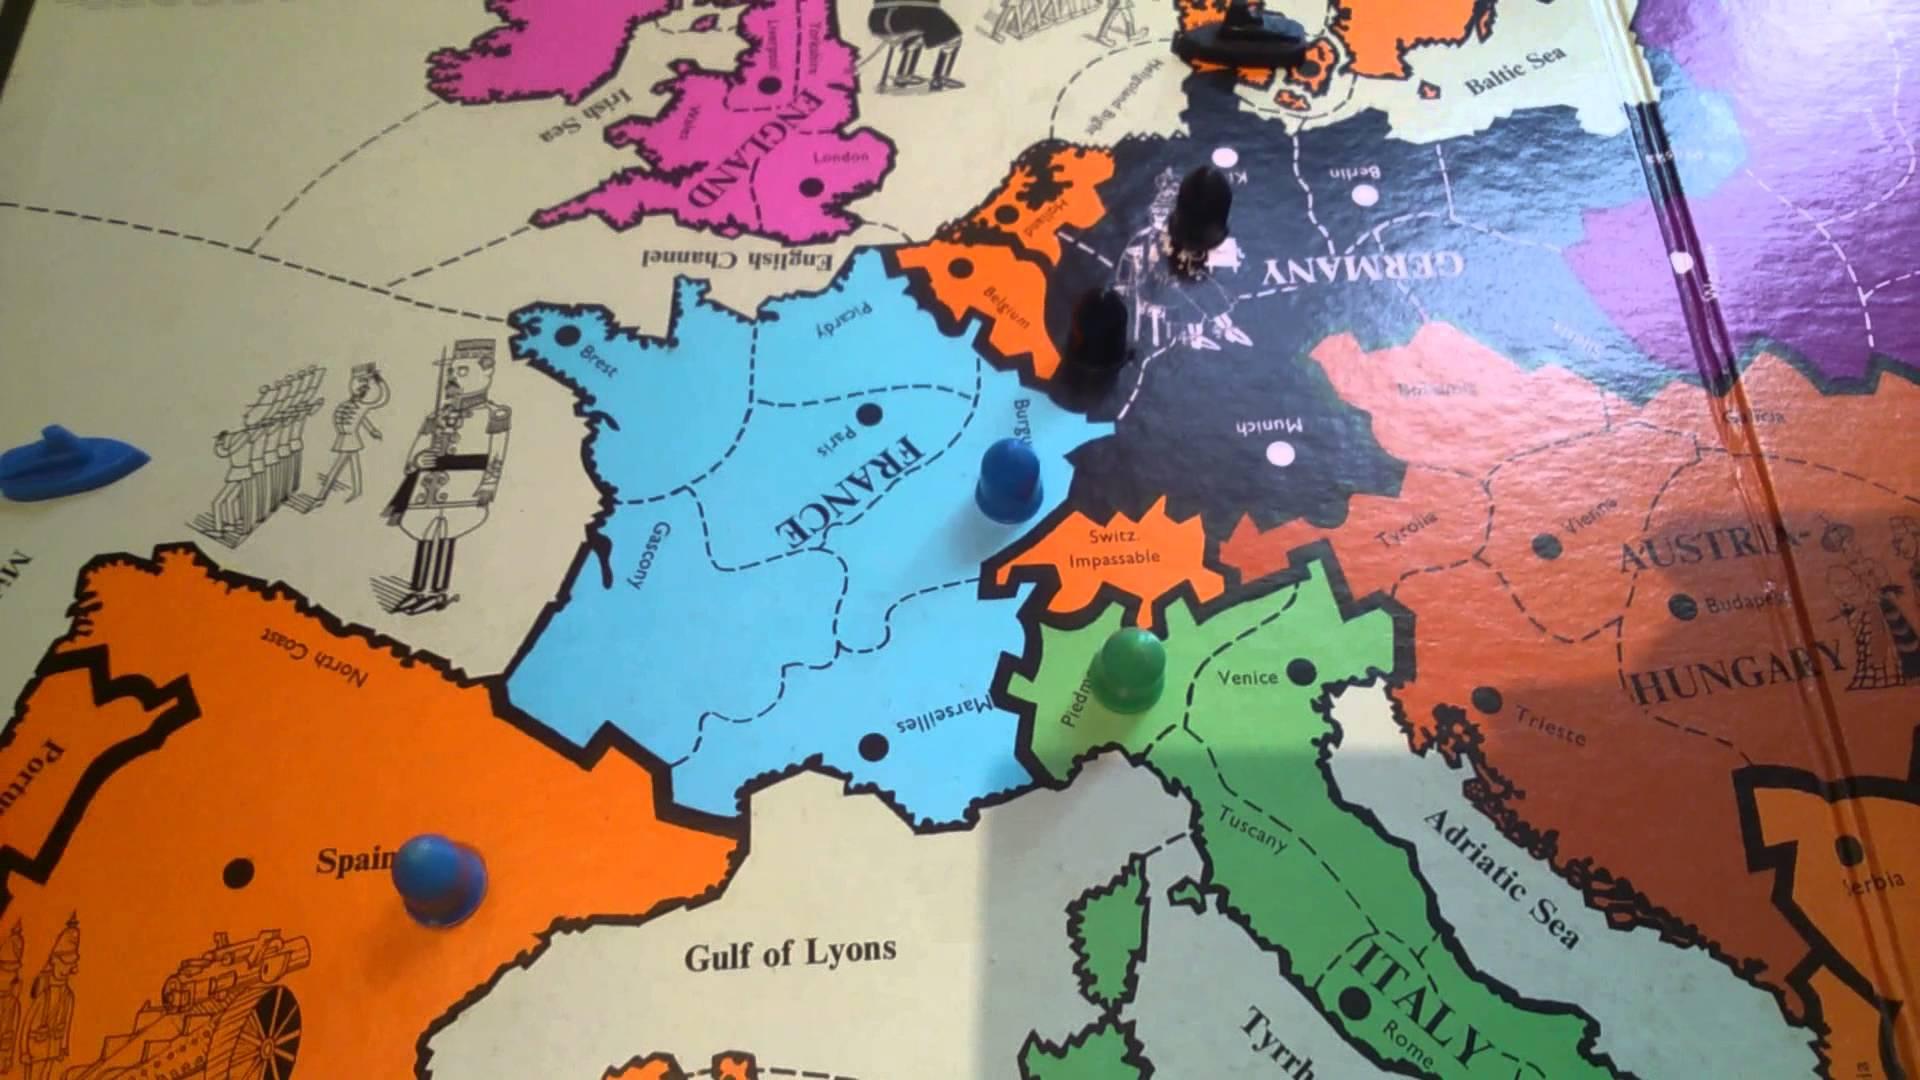 Diplomacy - Il gioco che distrugge amicizie dal 1959 thumbnail